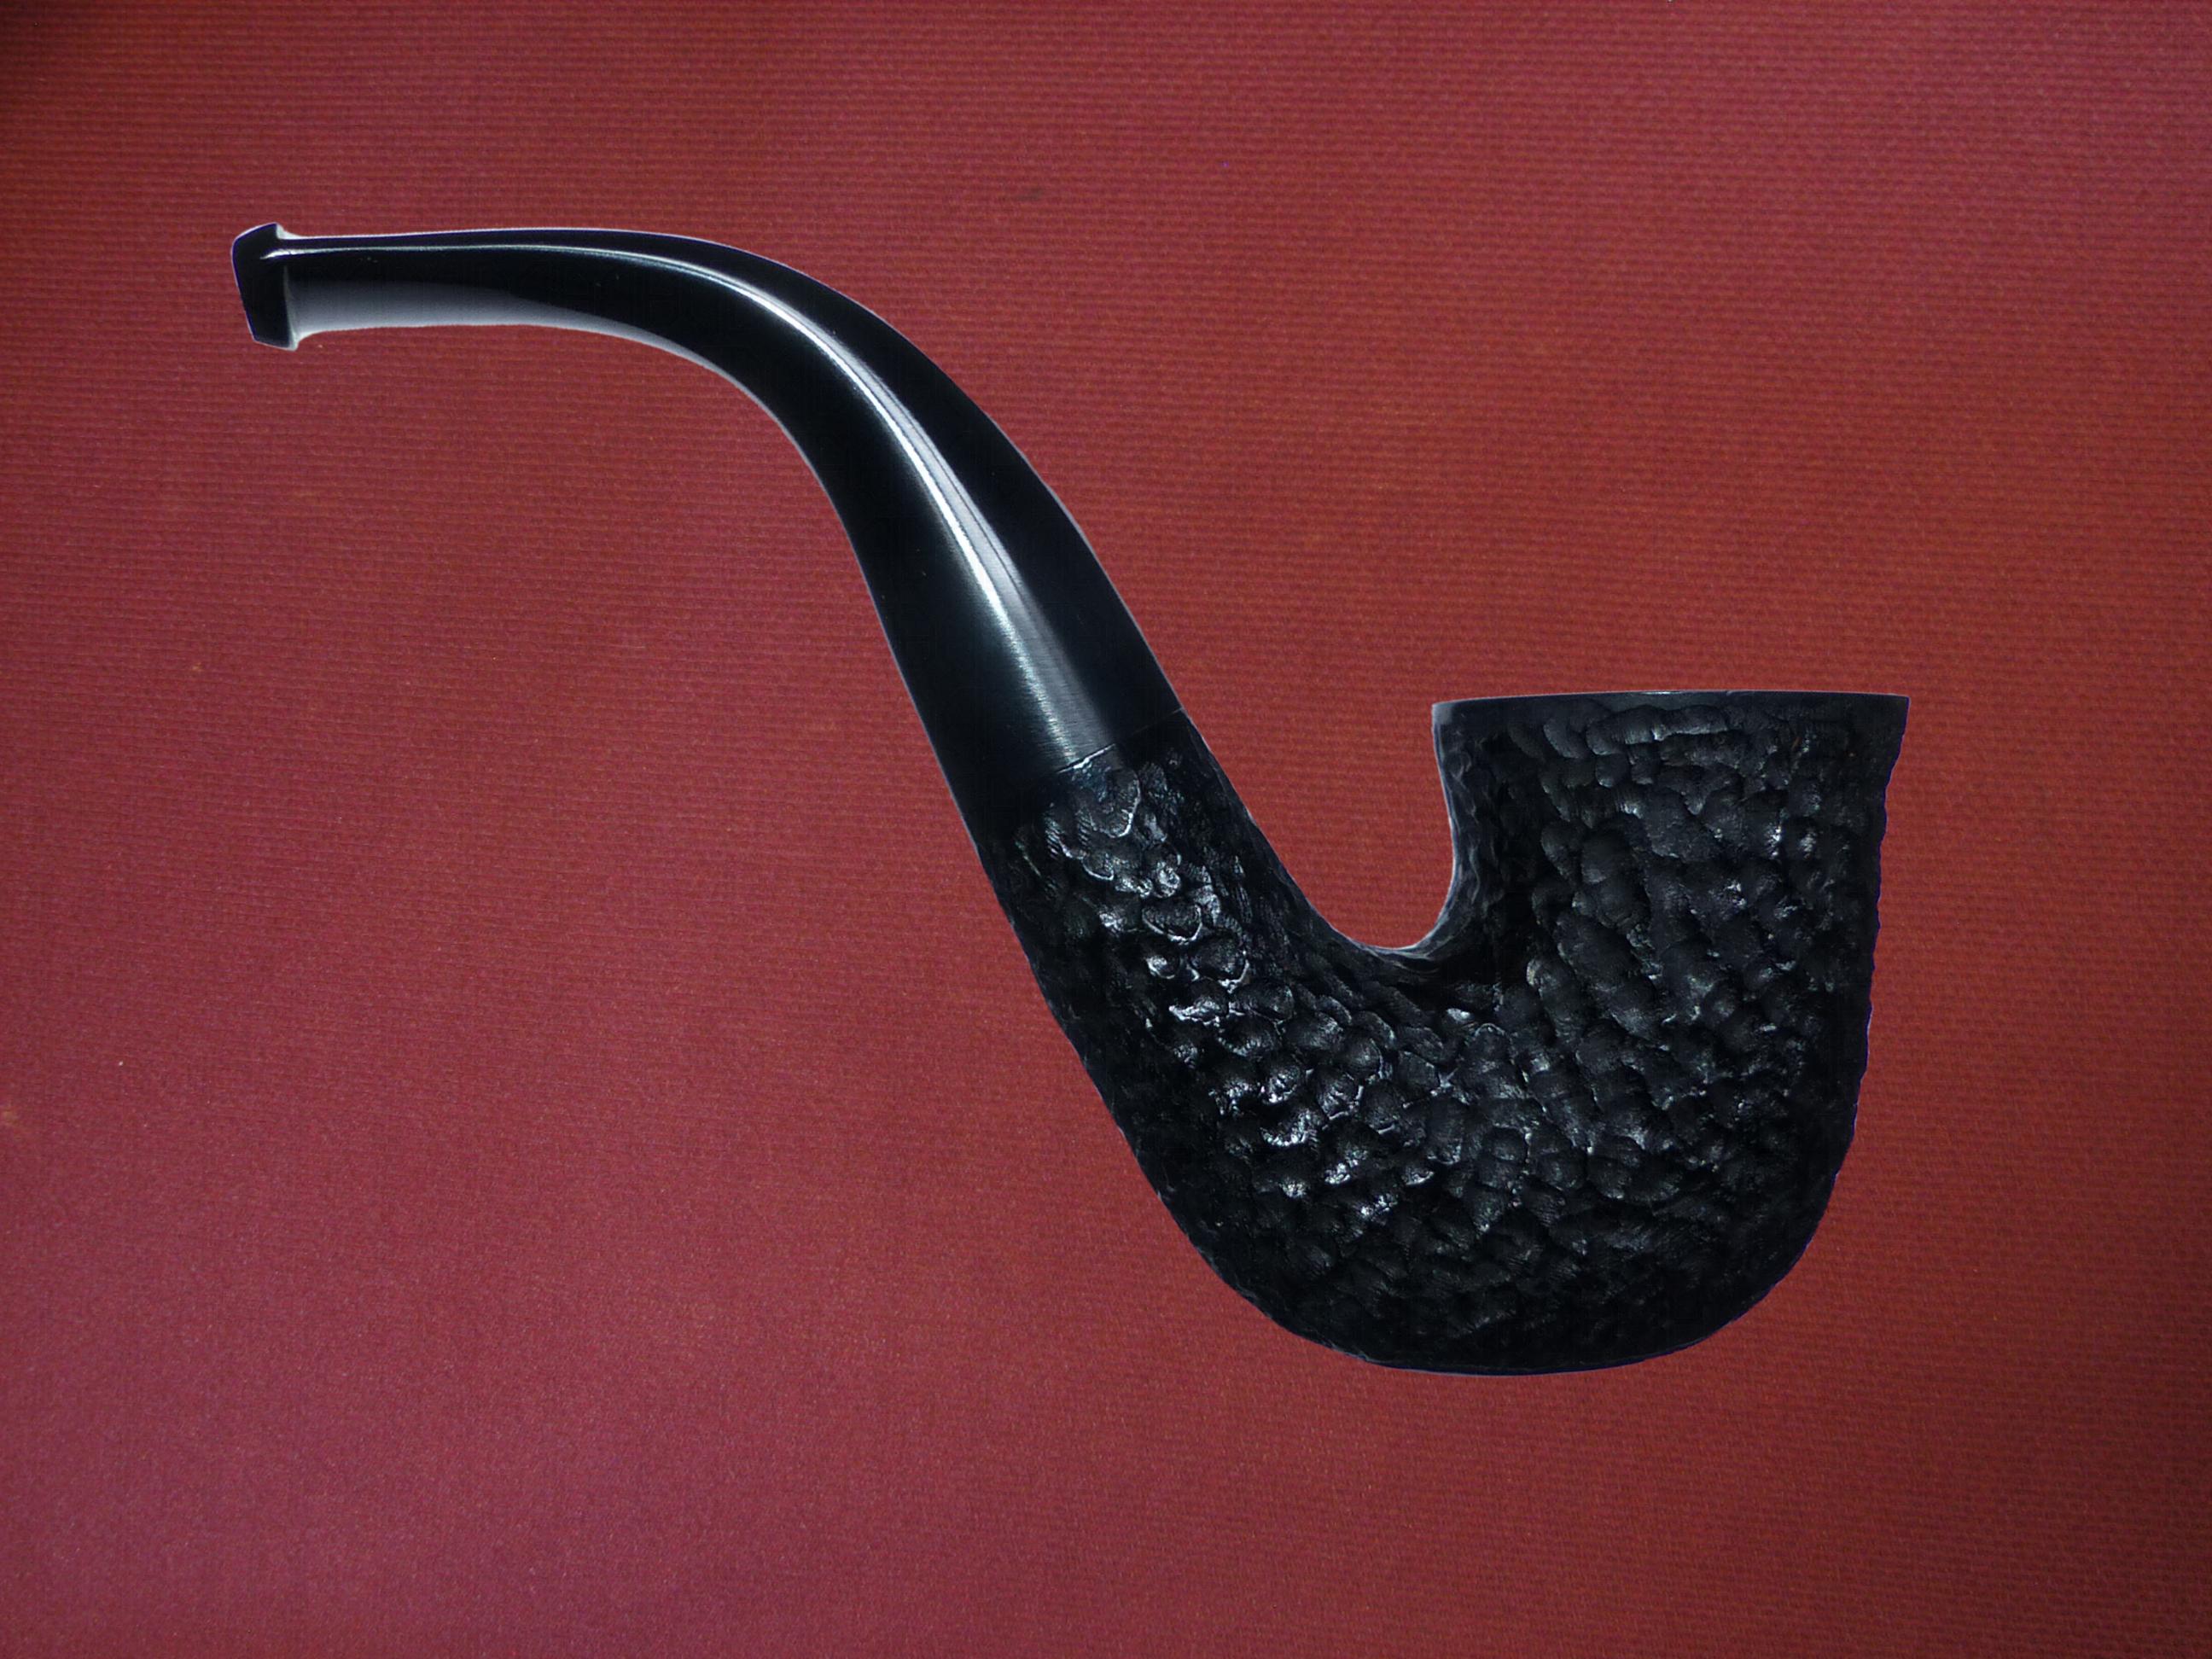 Calabash (Black Rustic)